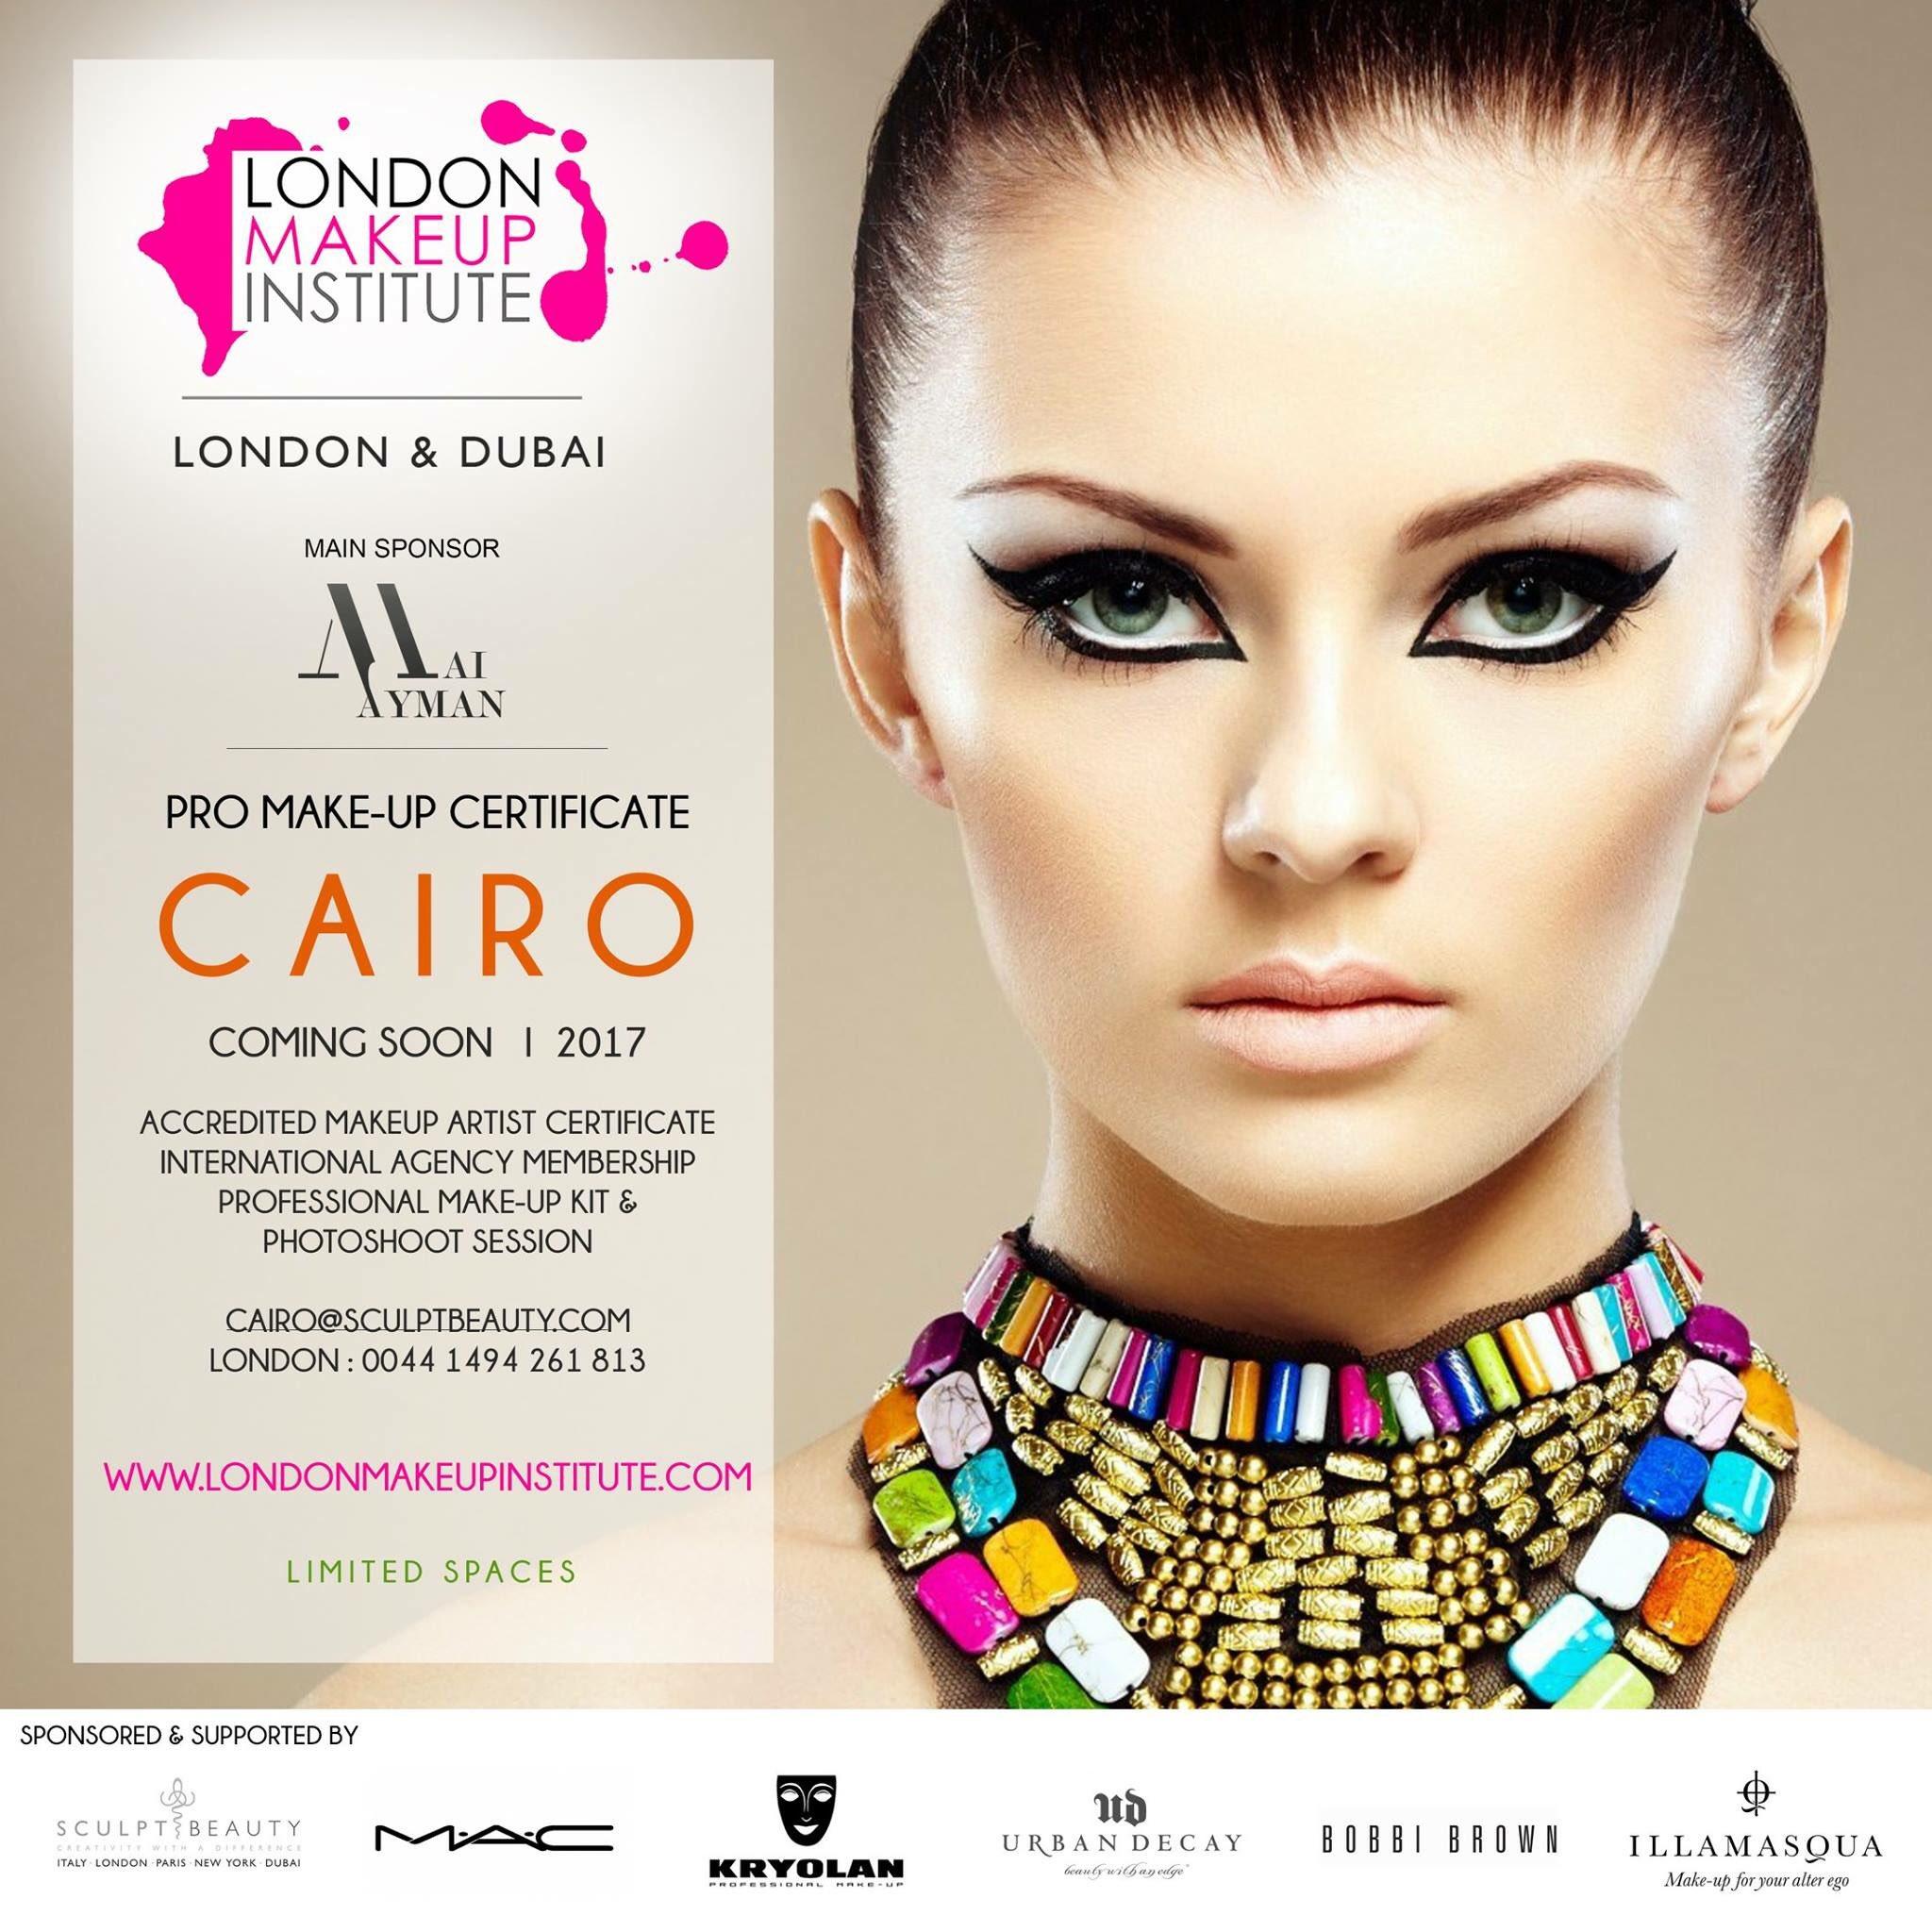 Cairo Pro Makeup Artist Certificate